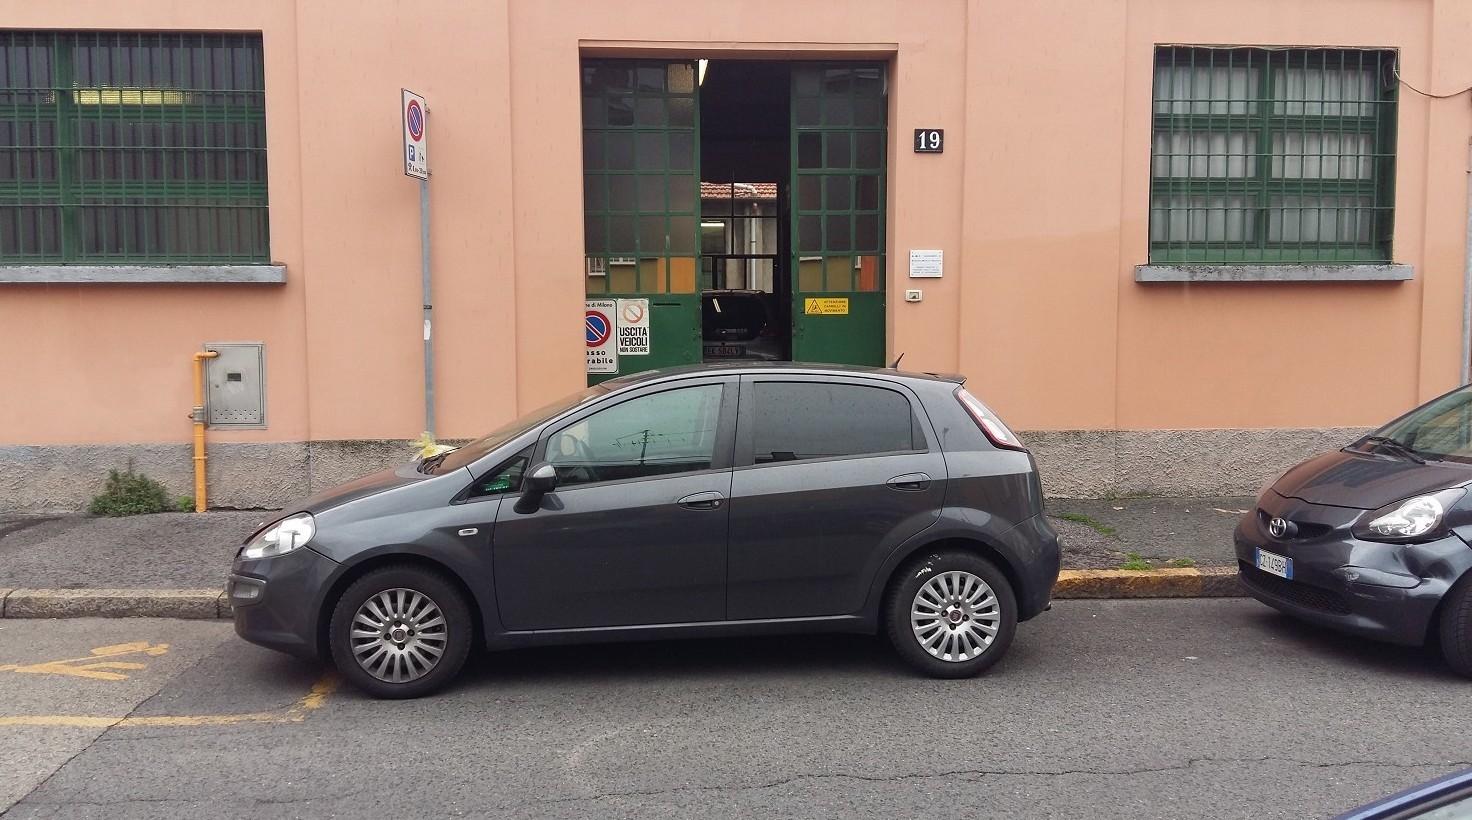 Cosa fare se auto parcheggiata davanti a passo carraio. Chi chiamare